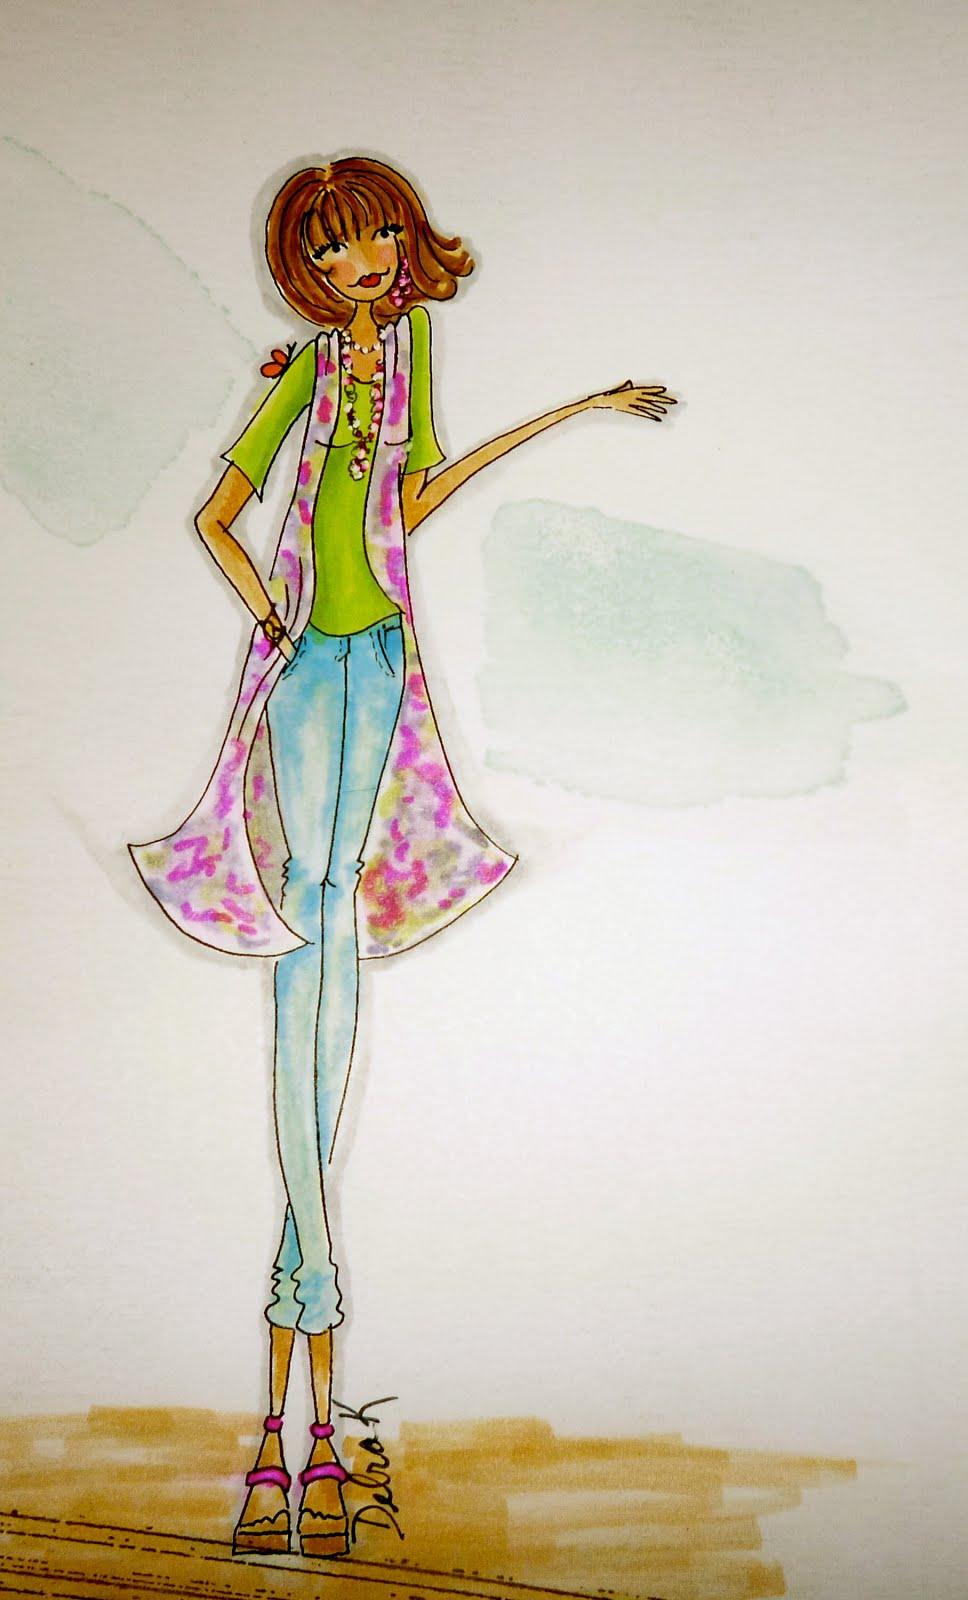 Debra K designs